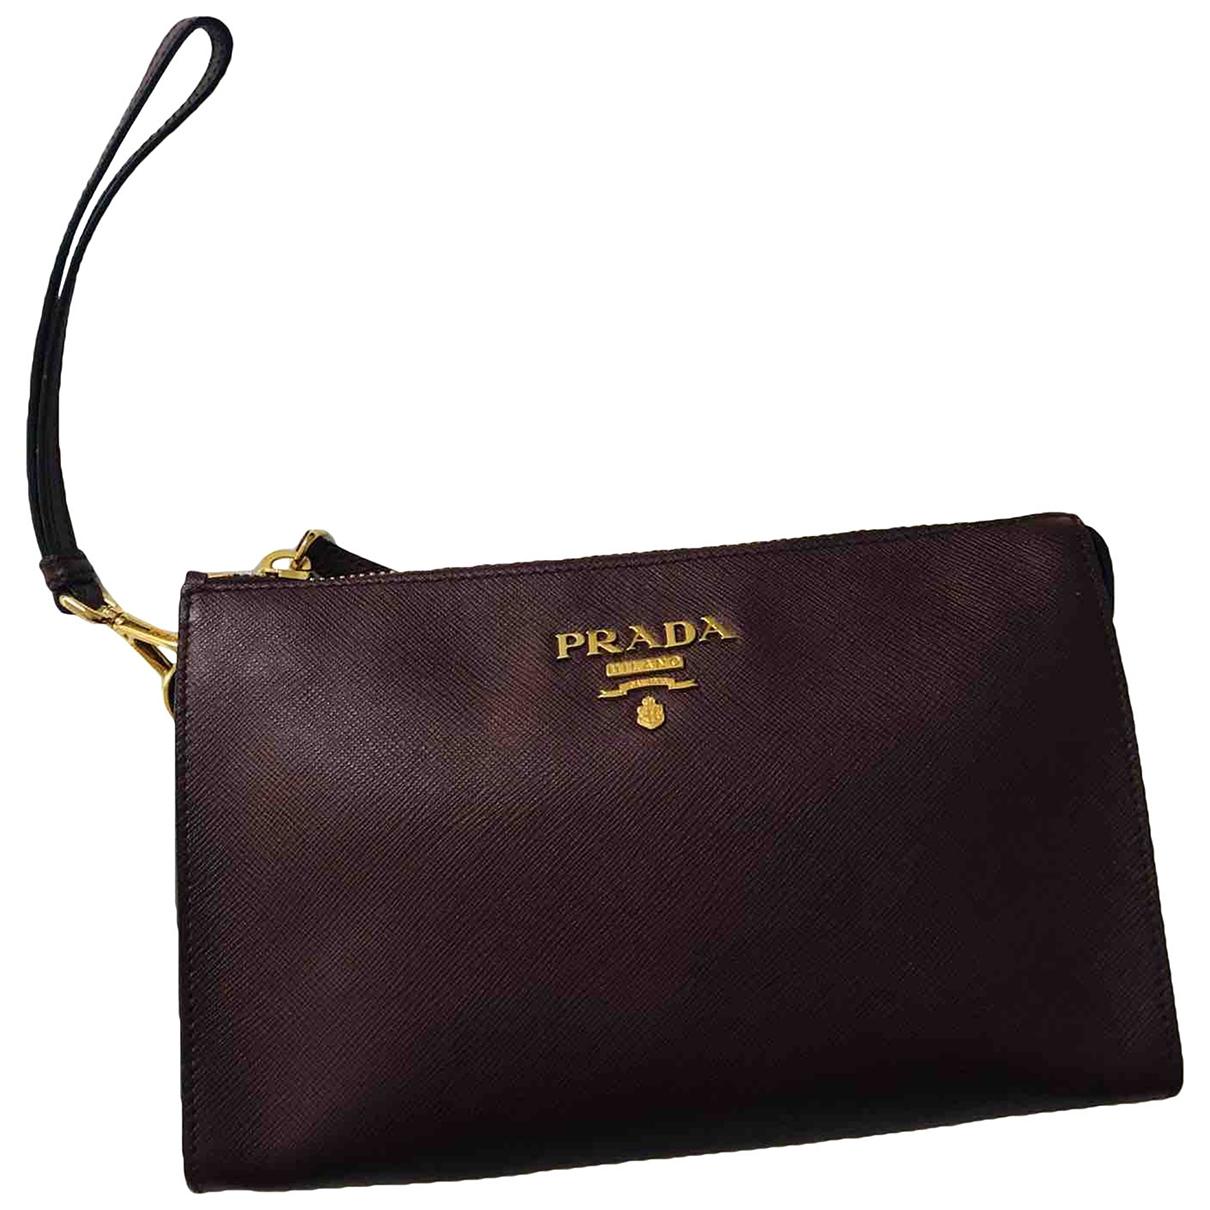 Prada \N Burgundy Leather Clutch bag for Women \N